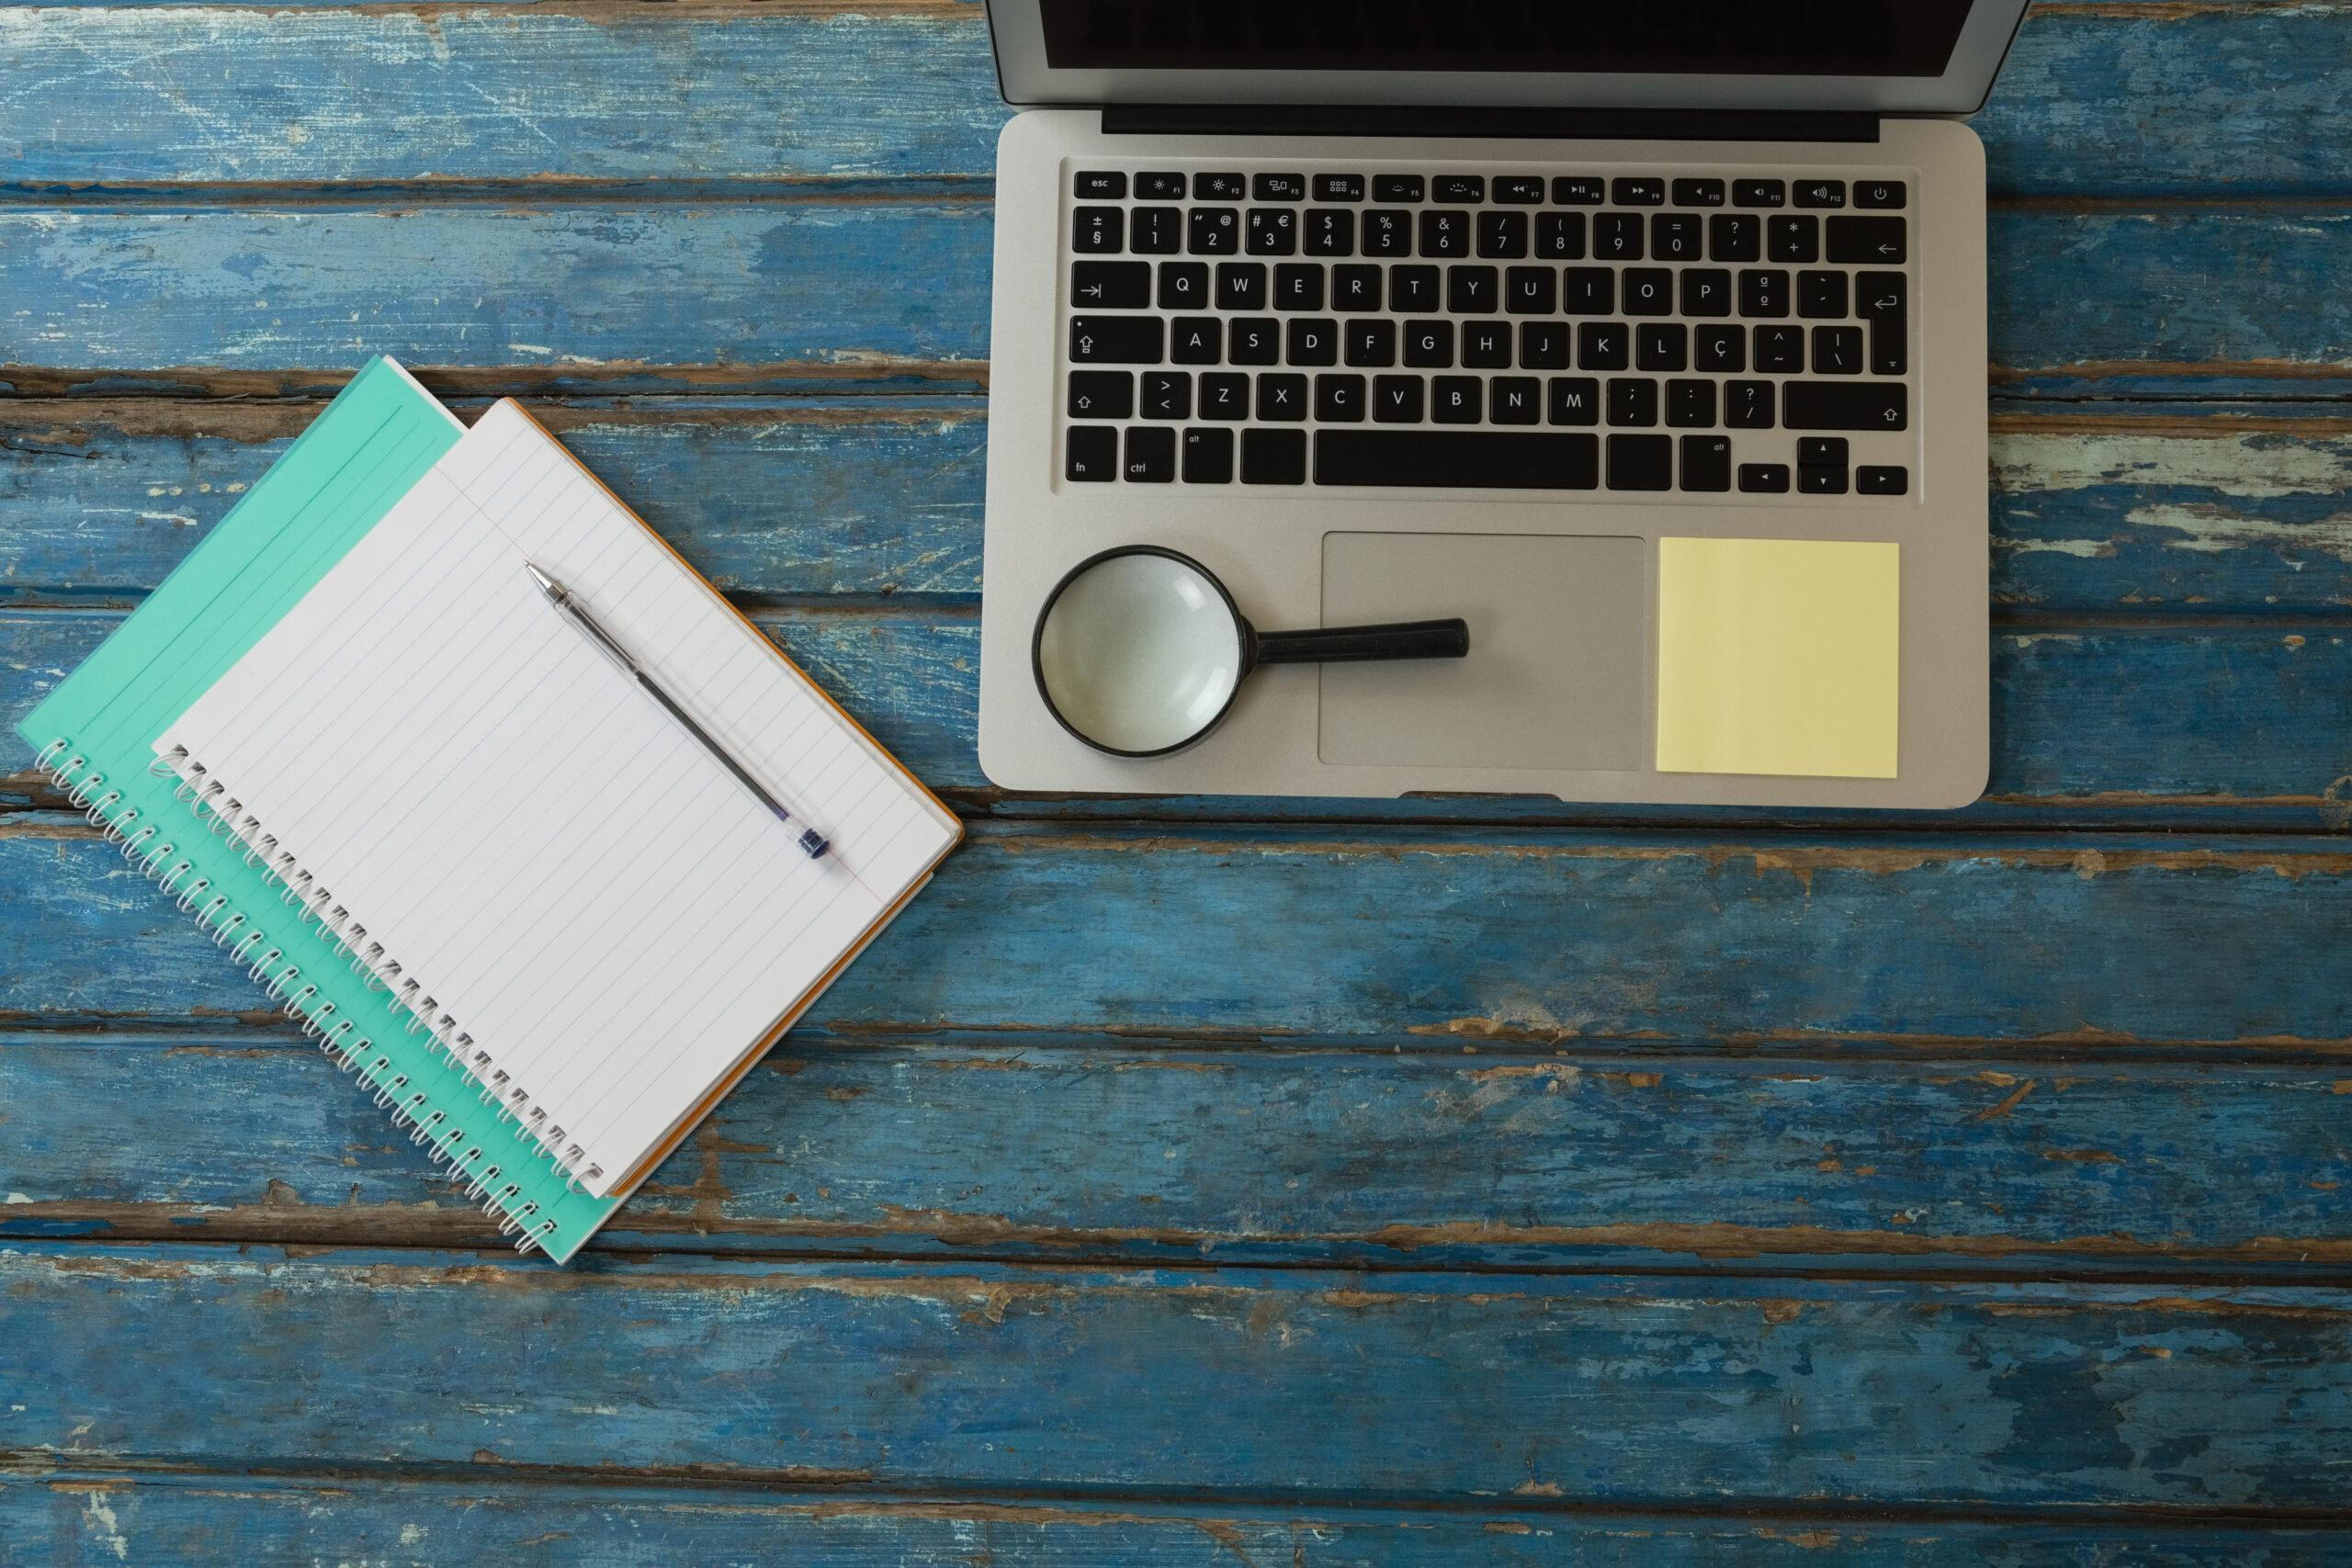 Ein blauer Holztisch, auf dem ein Laptop, eine Lupe und Notizbücher liegen.